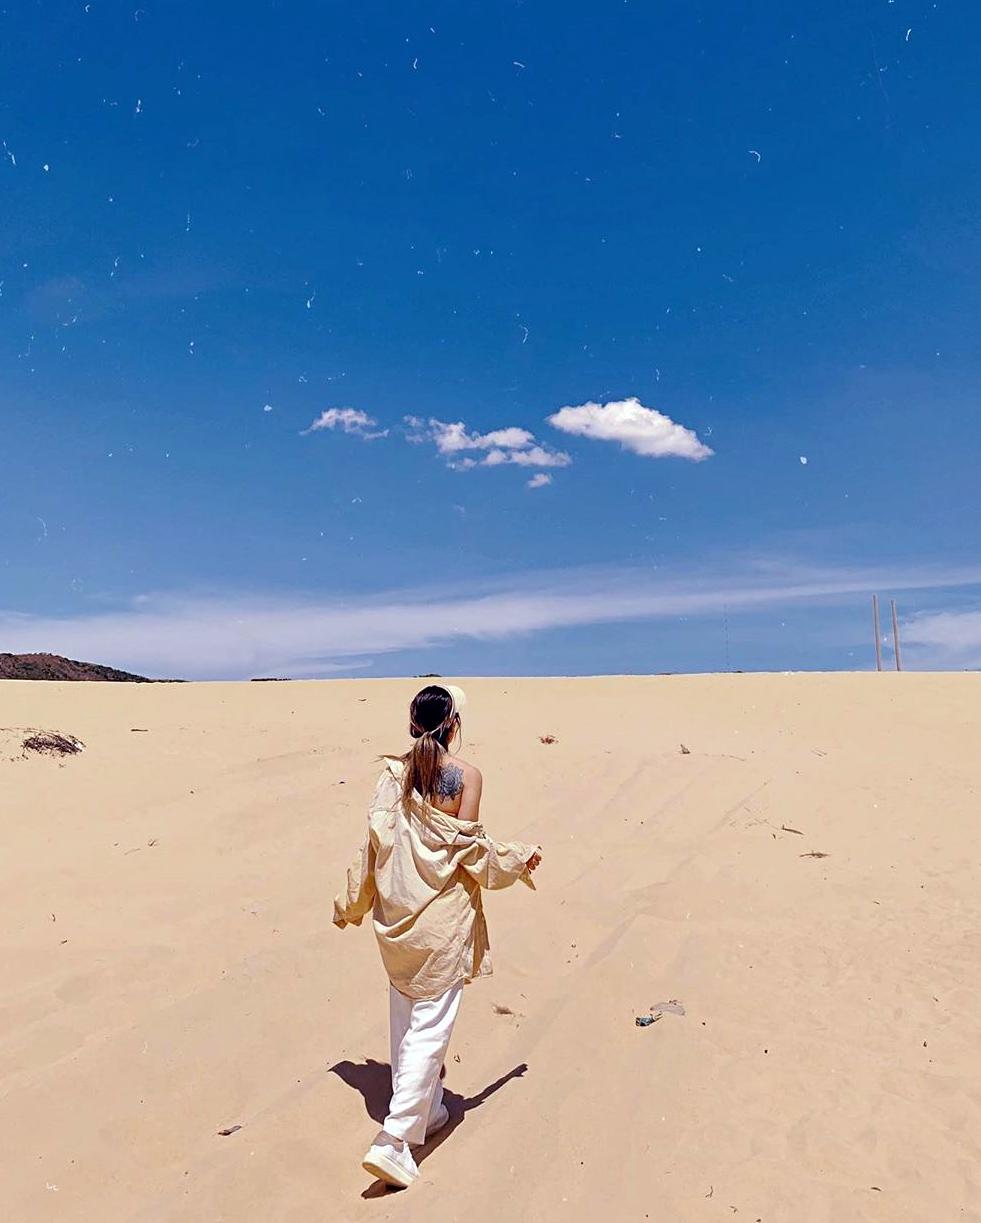 du lịch quy nhơn hình ảnh đồi cát Phương Mai